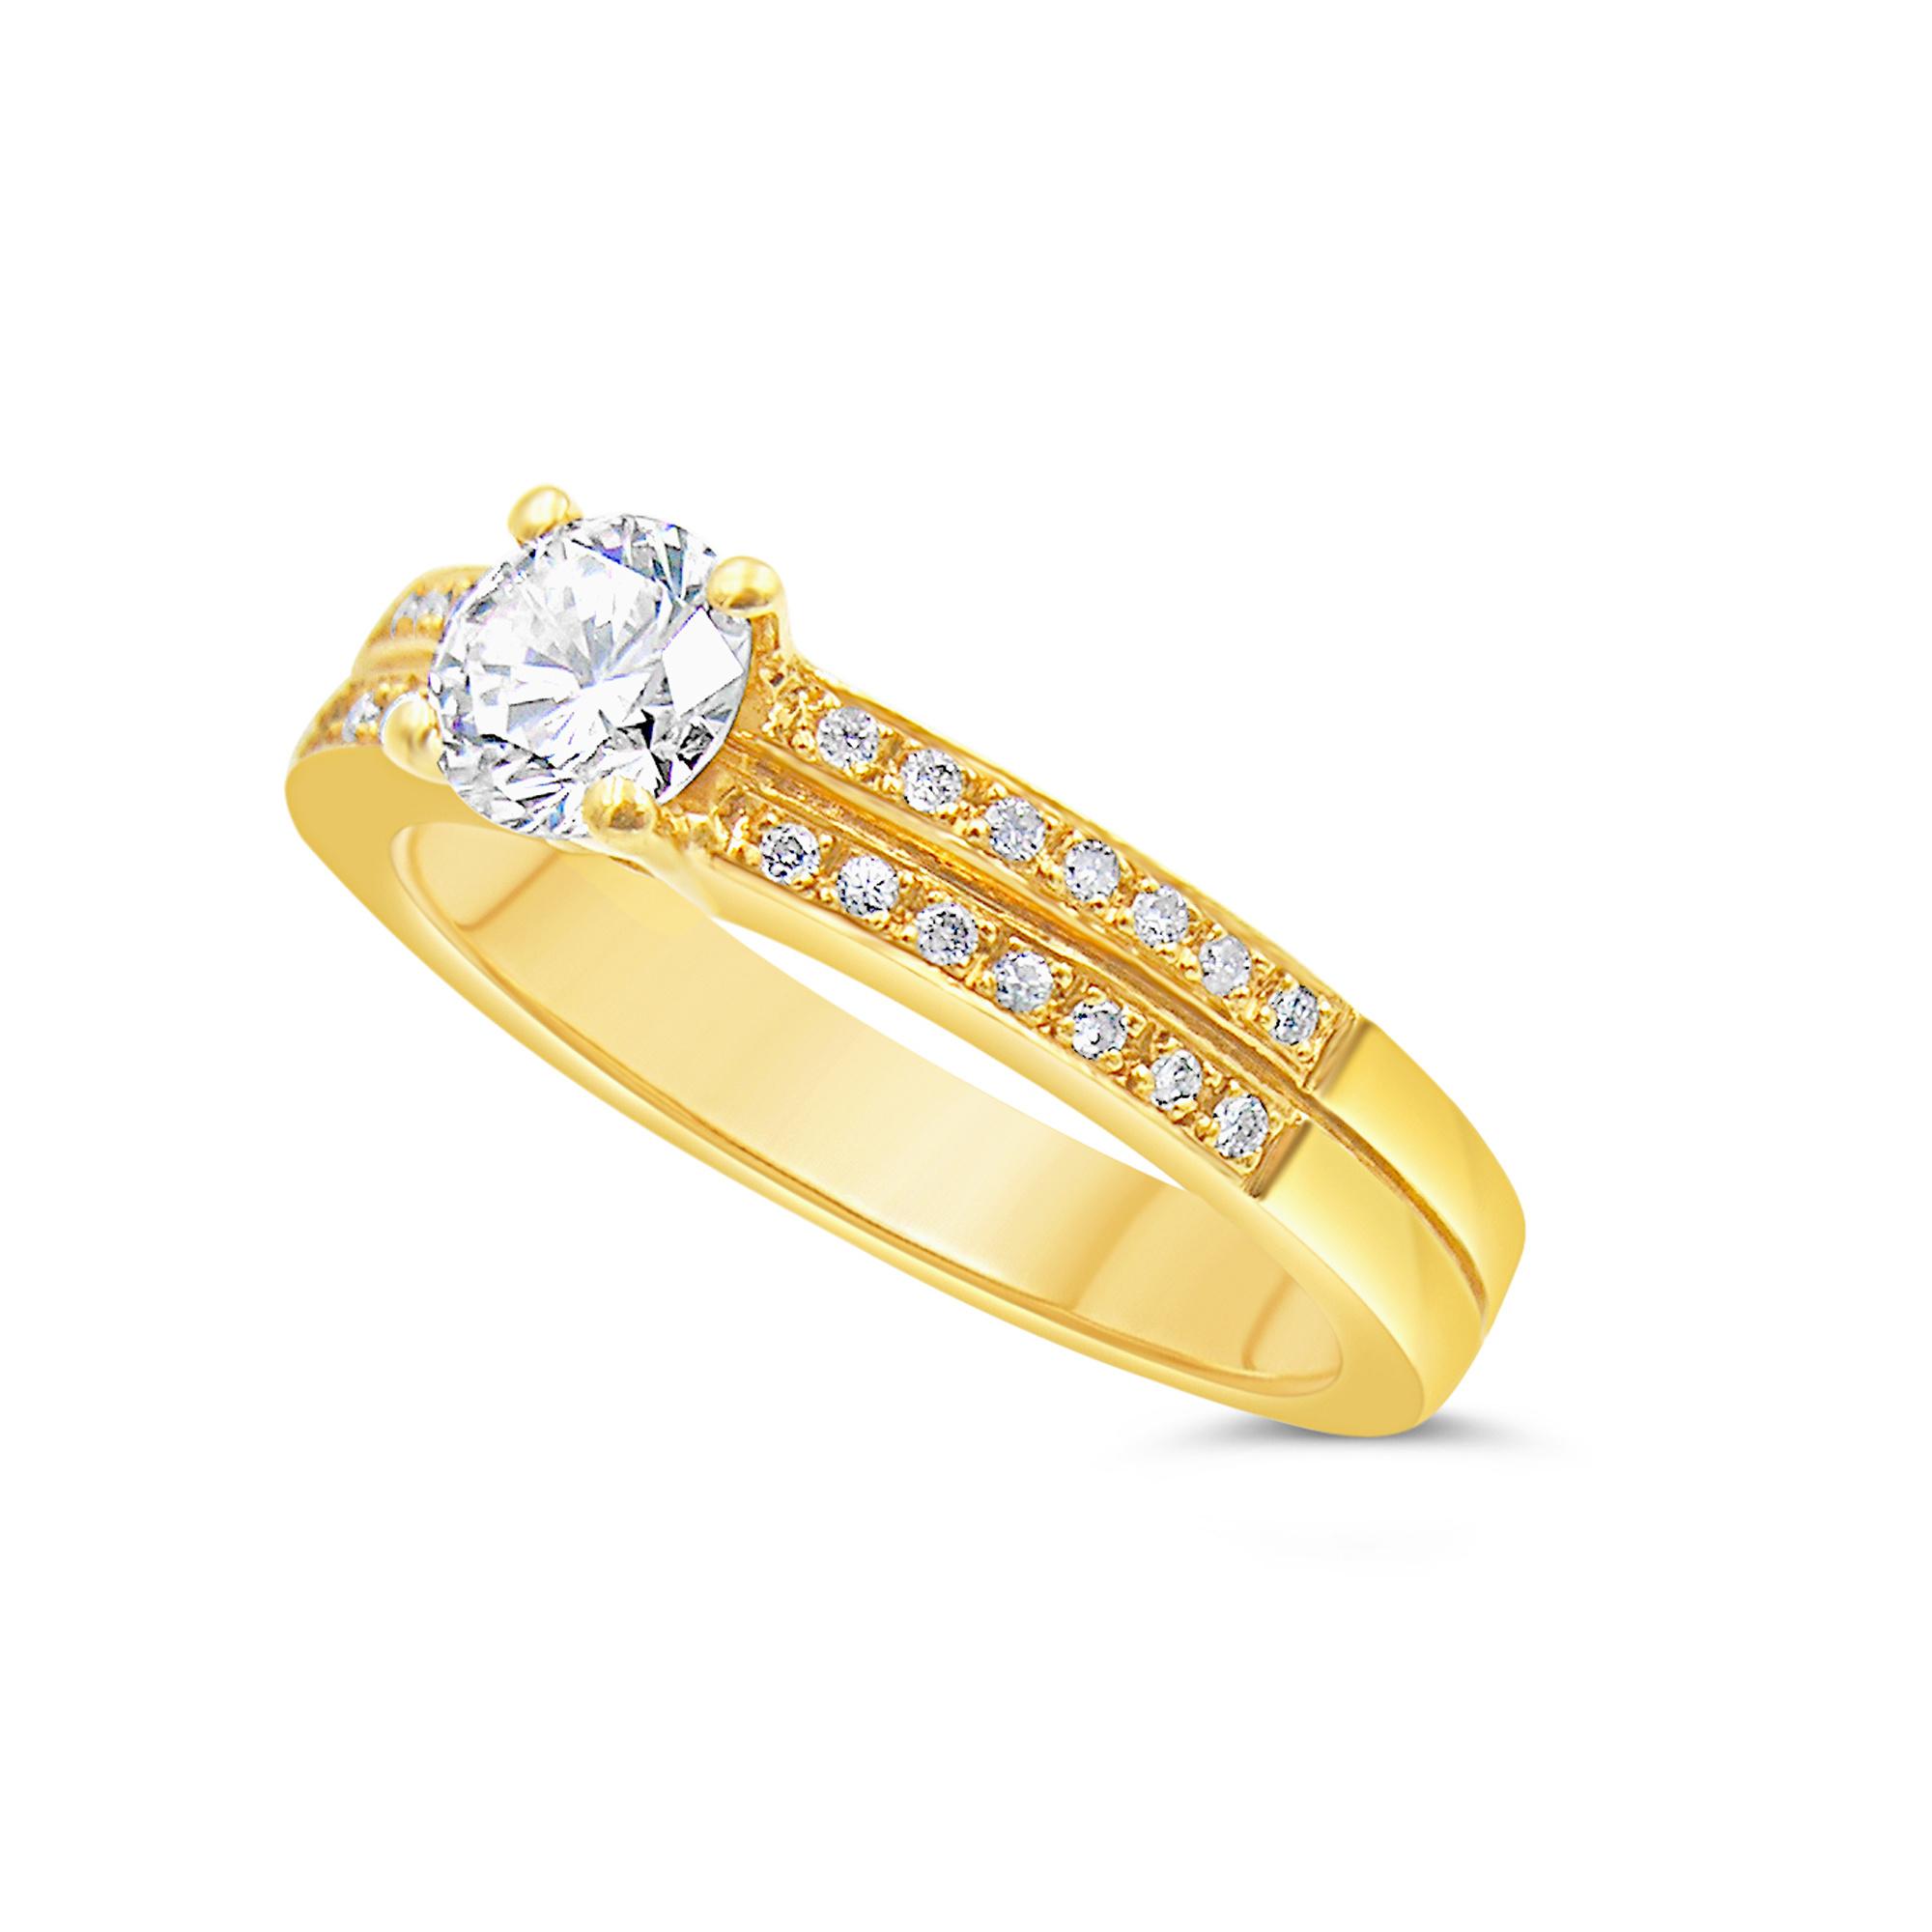 18kt geel goud verlovingsring met 0.64 ct diamanten